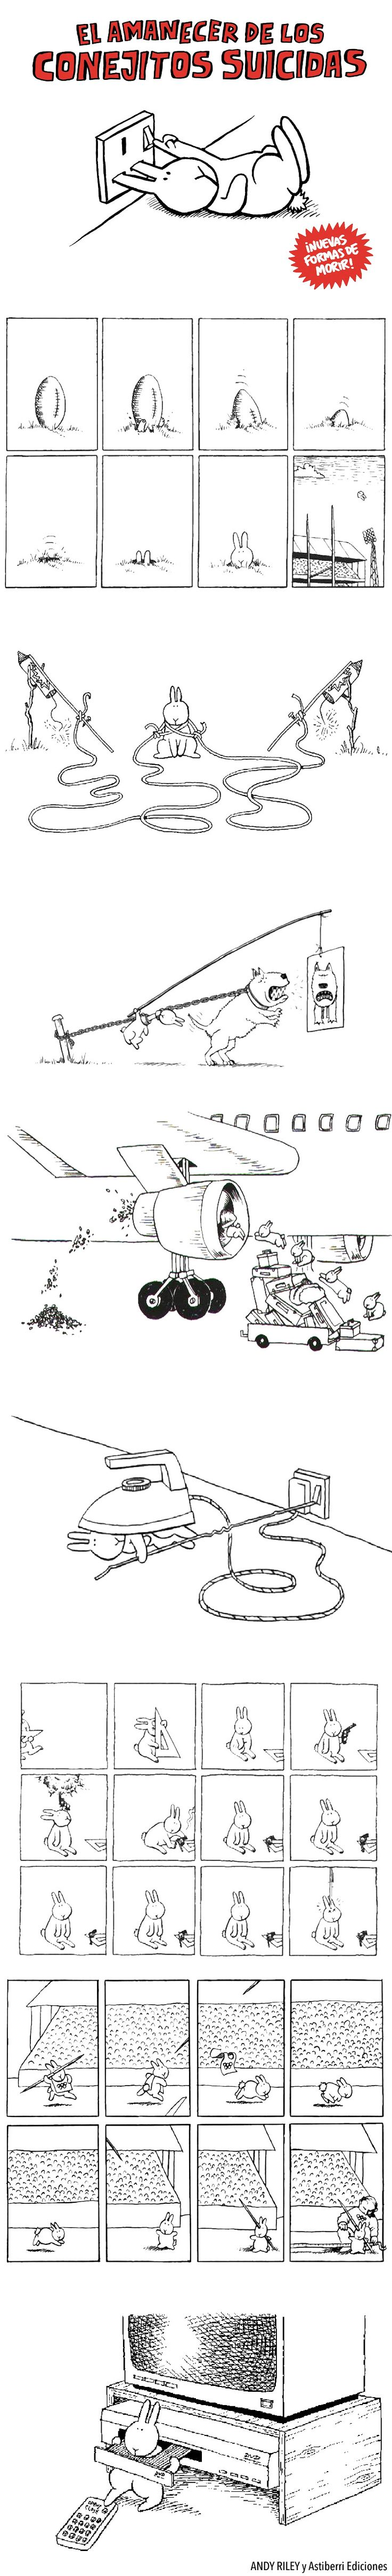 El amanecer de los conejitos suicidas. Nuevas formas de morir por el dibujante Andy Riley. Astiberri Ediciones.